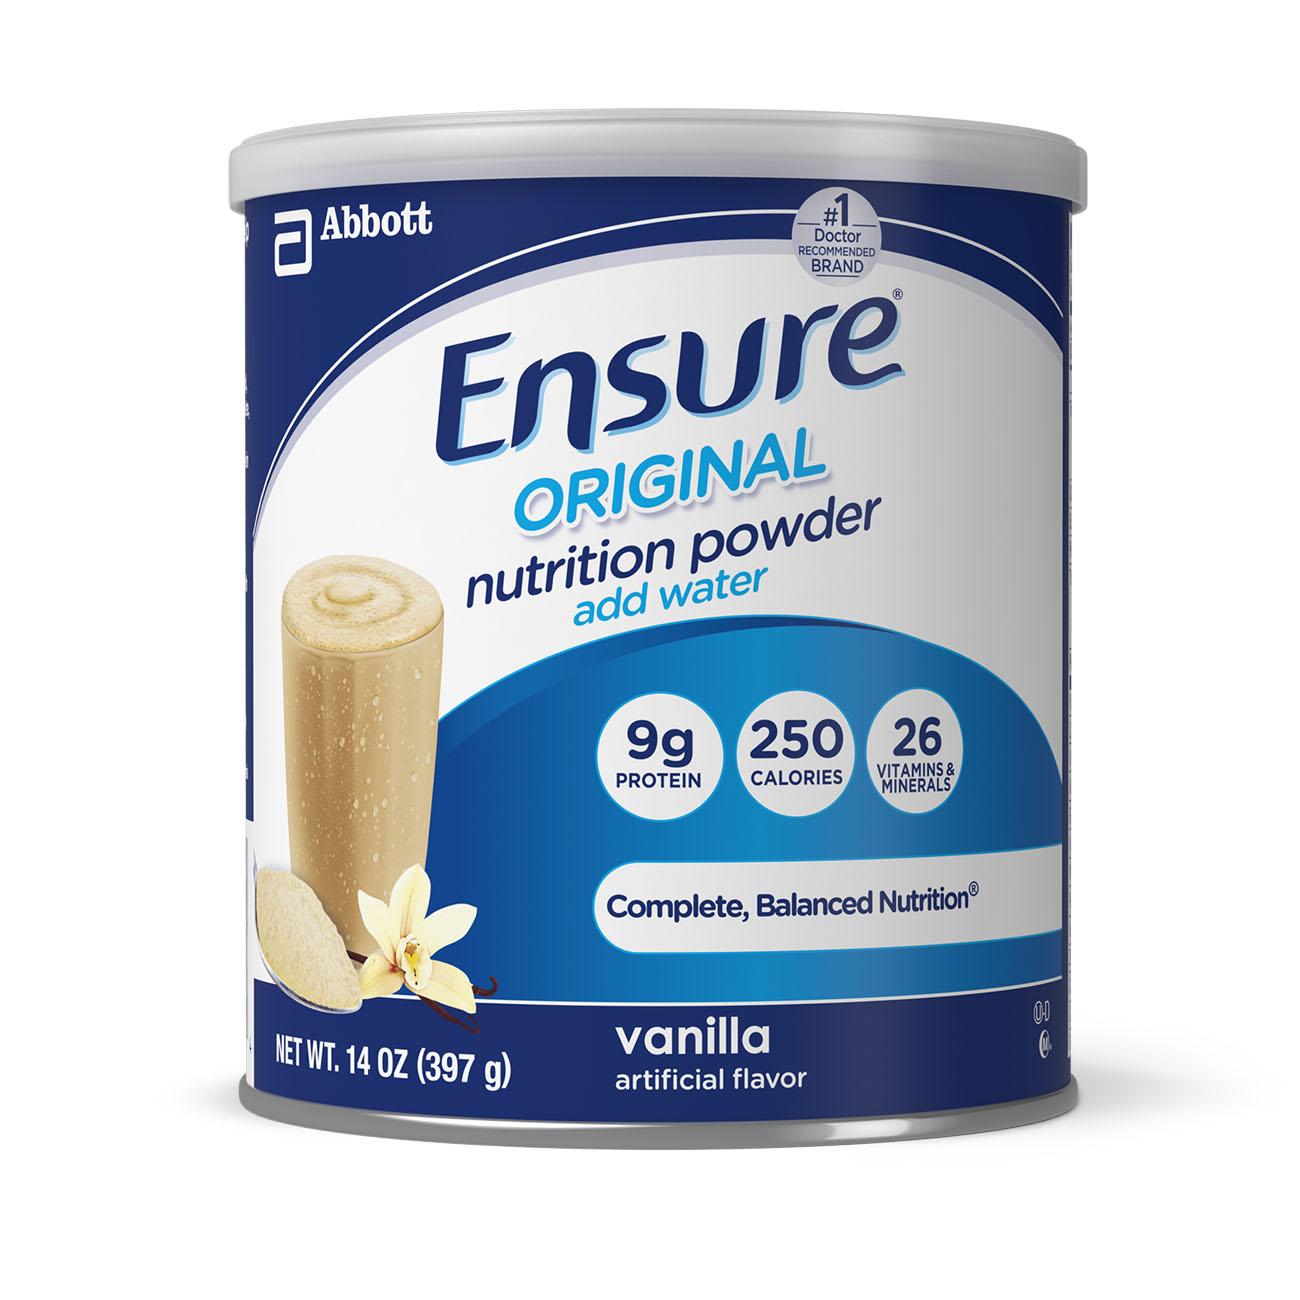 Ensure Original Nutrition Powder, Vanilla, 14 oz